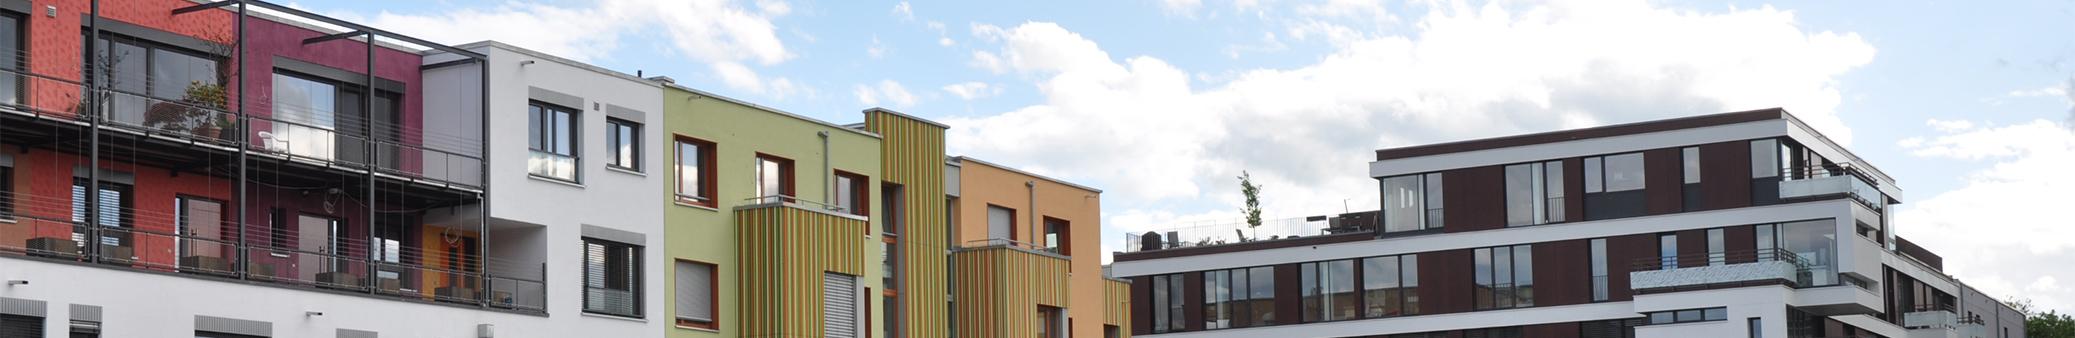 Wohnen - Universitätsstadt Tübingen on